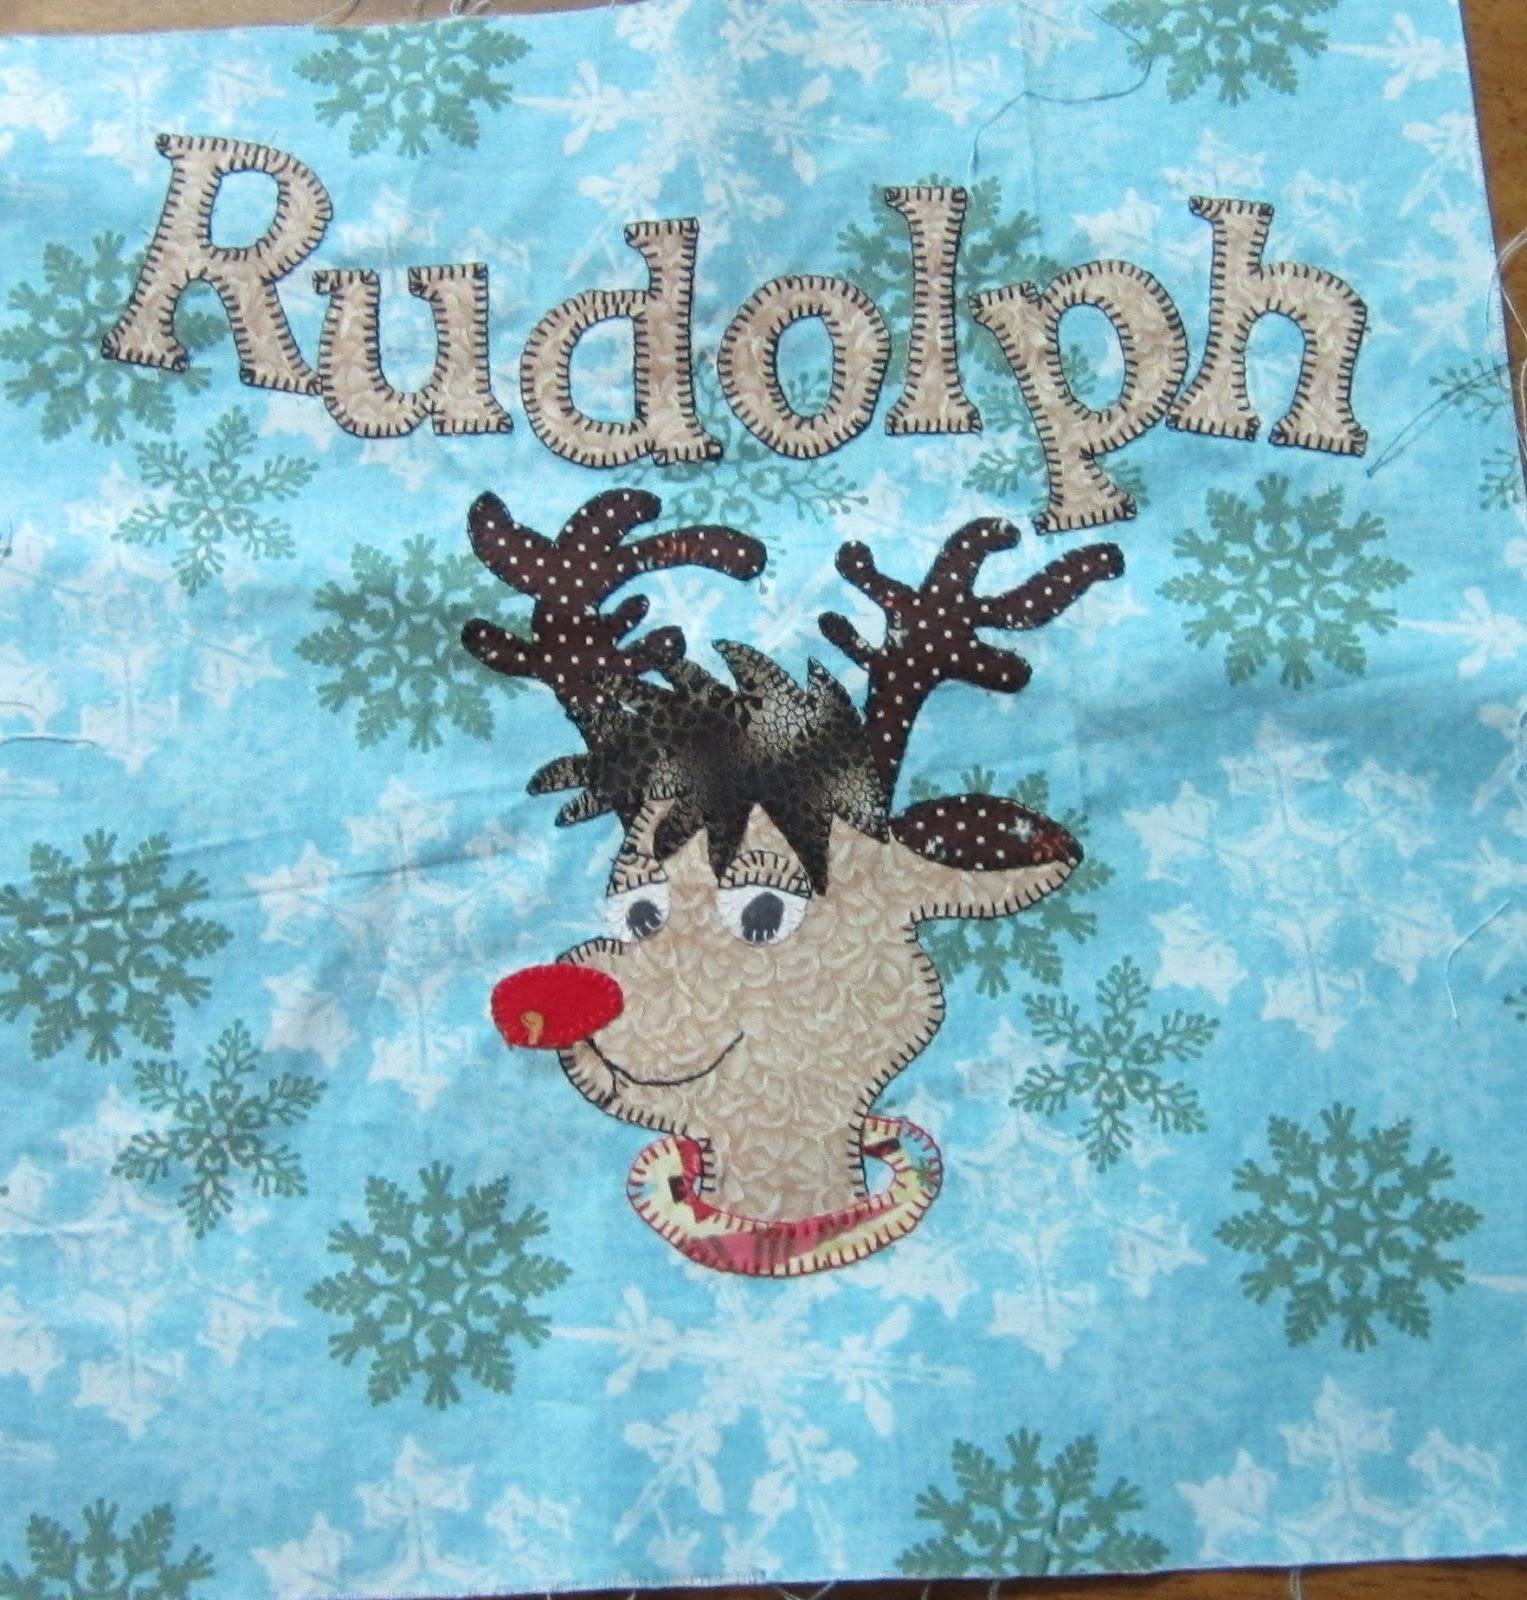 reindeer games keep me - photo #31